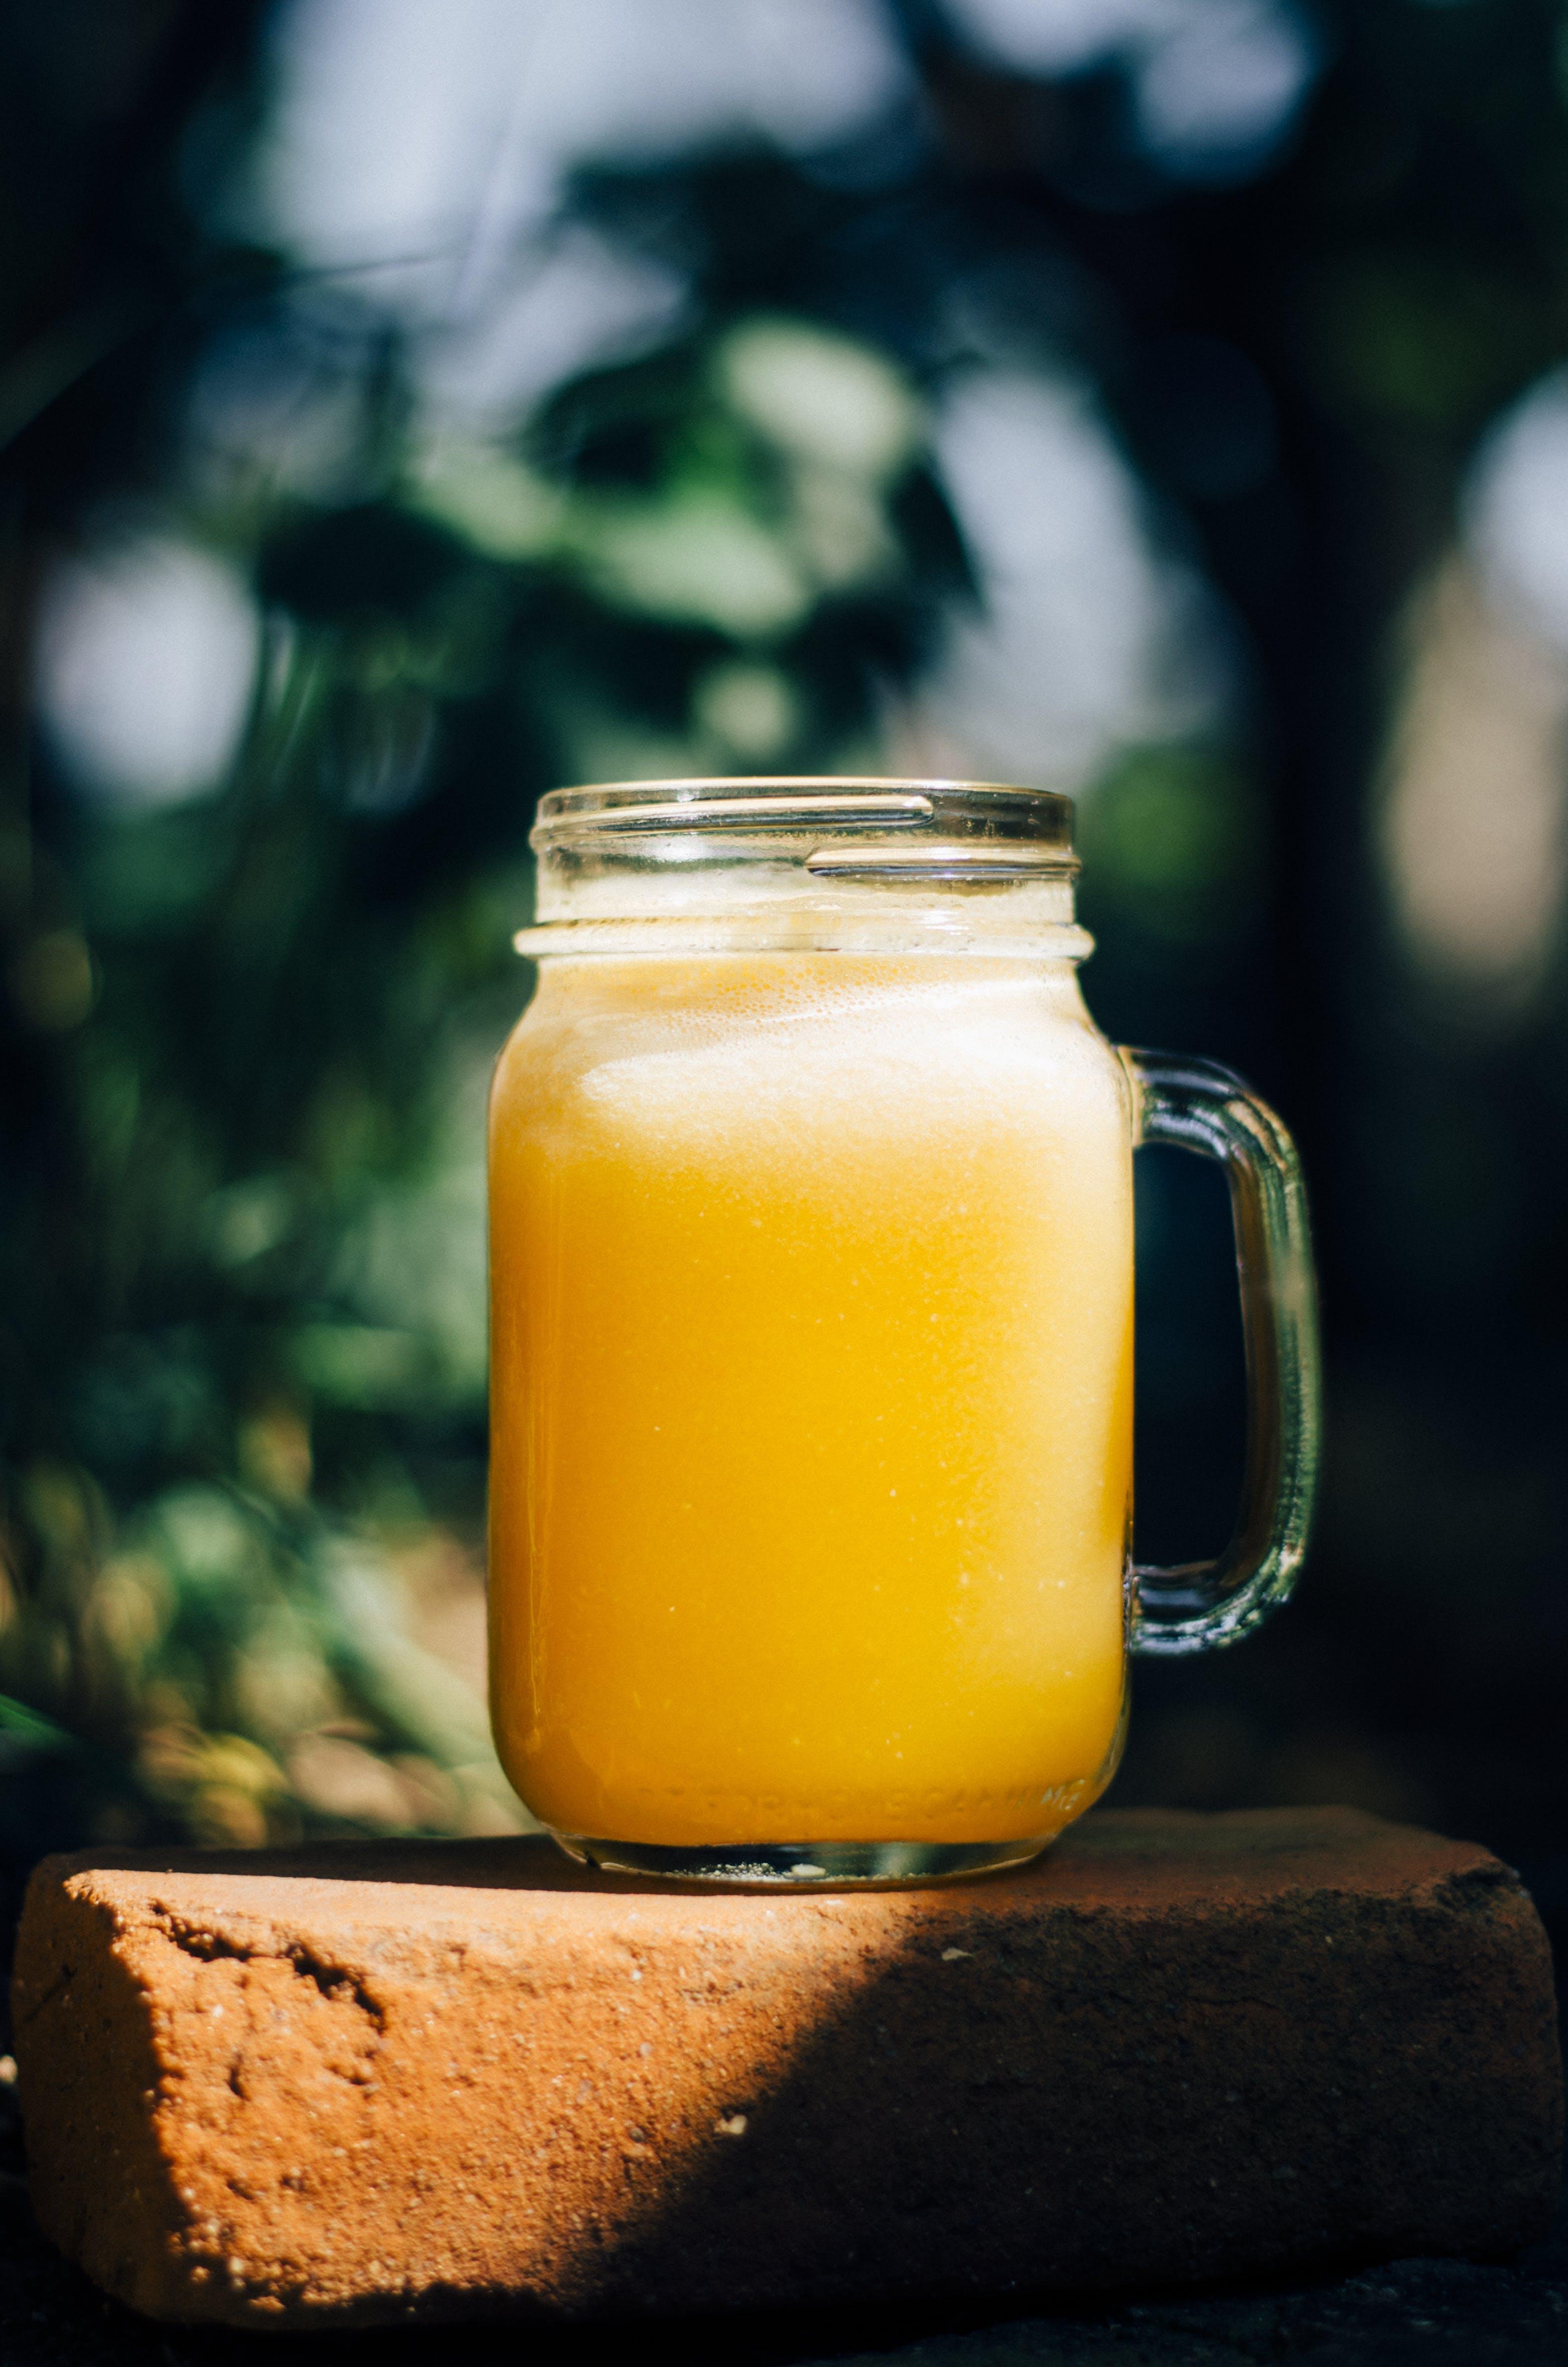 alba, beguda, beure